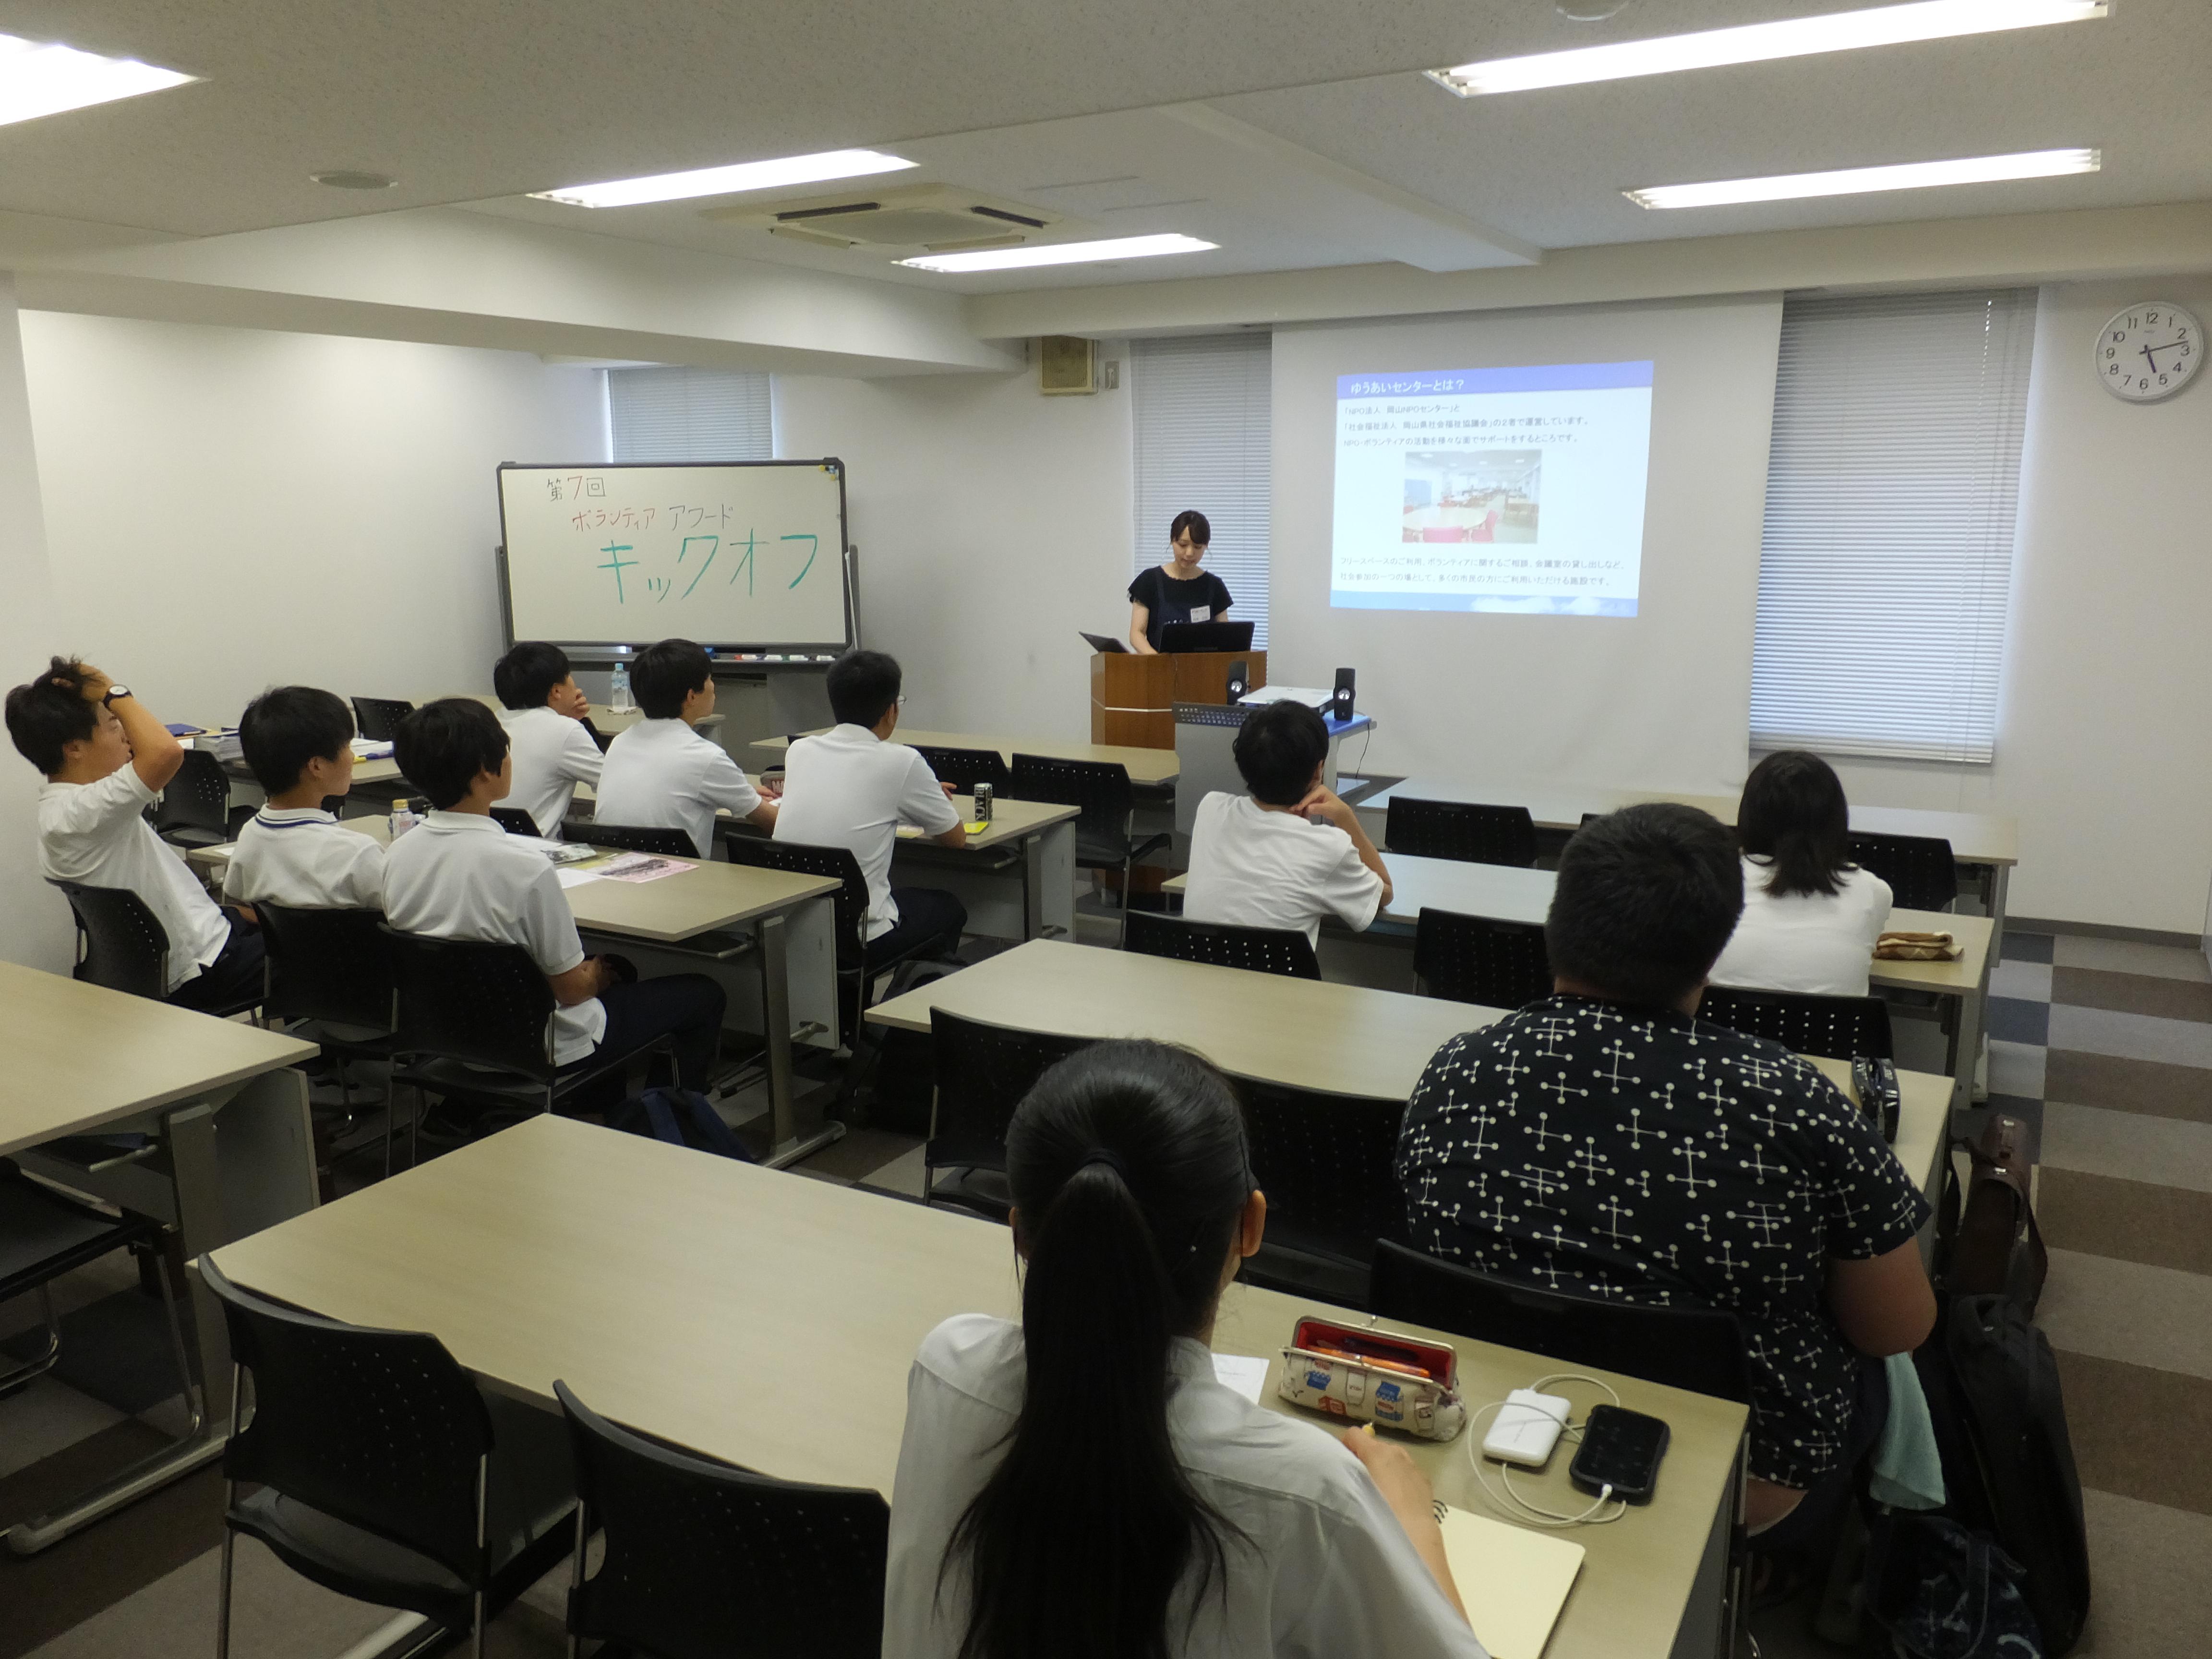 第7回岡山高校生ボランティアアワード キックオフイベントを開催しました!